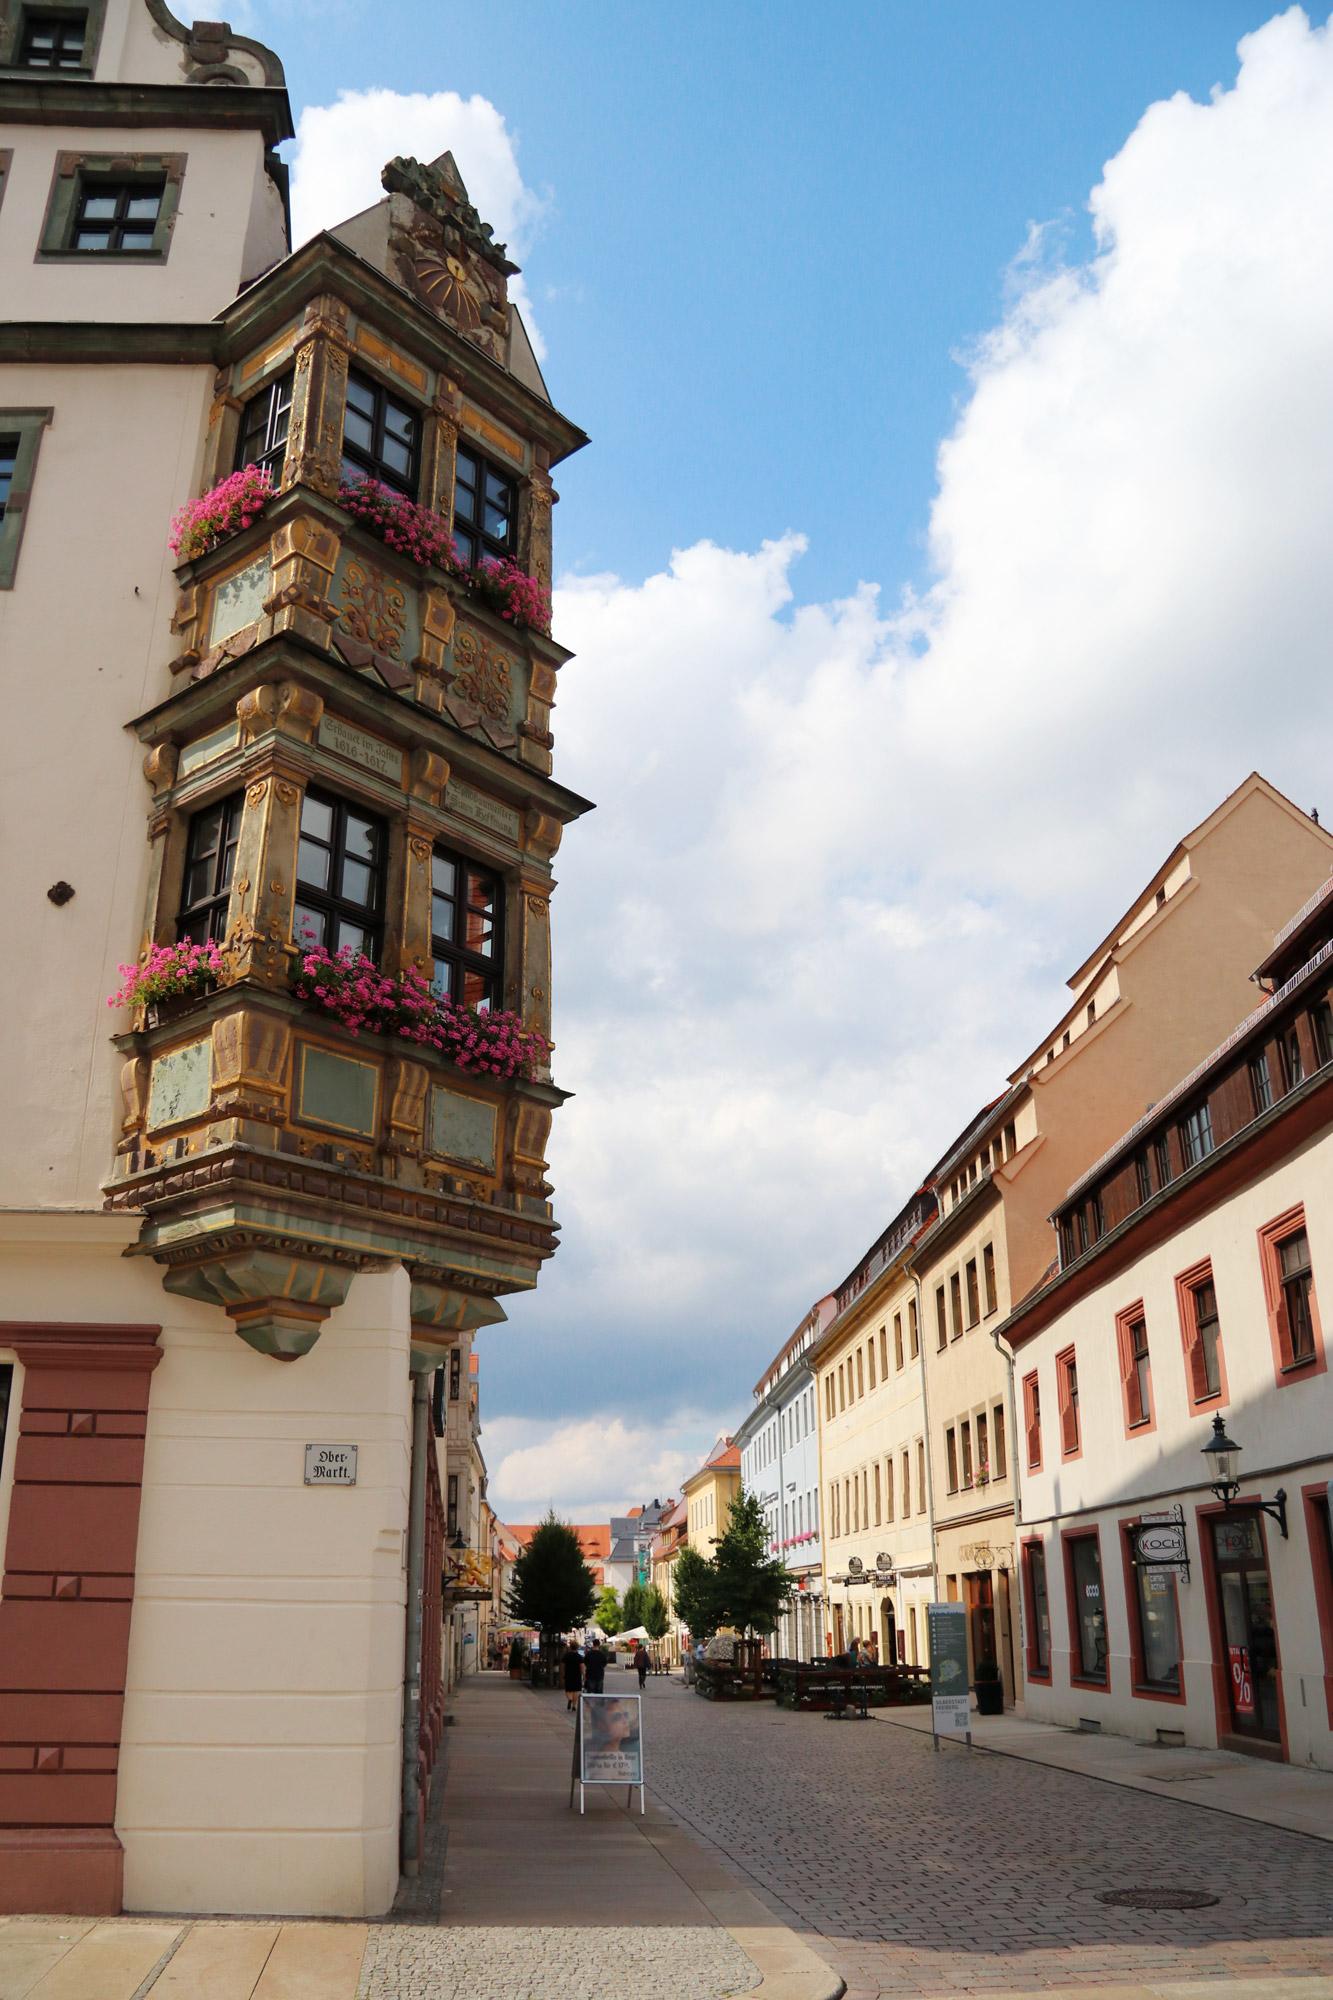 Freiberg, de zilverstad in Saksen - Mooie erker